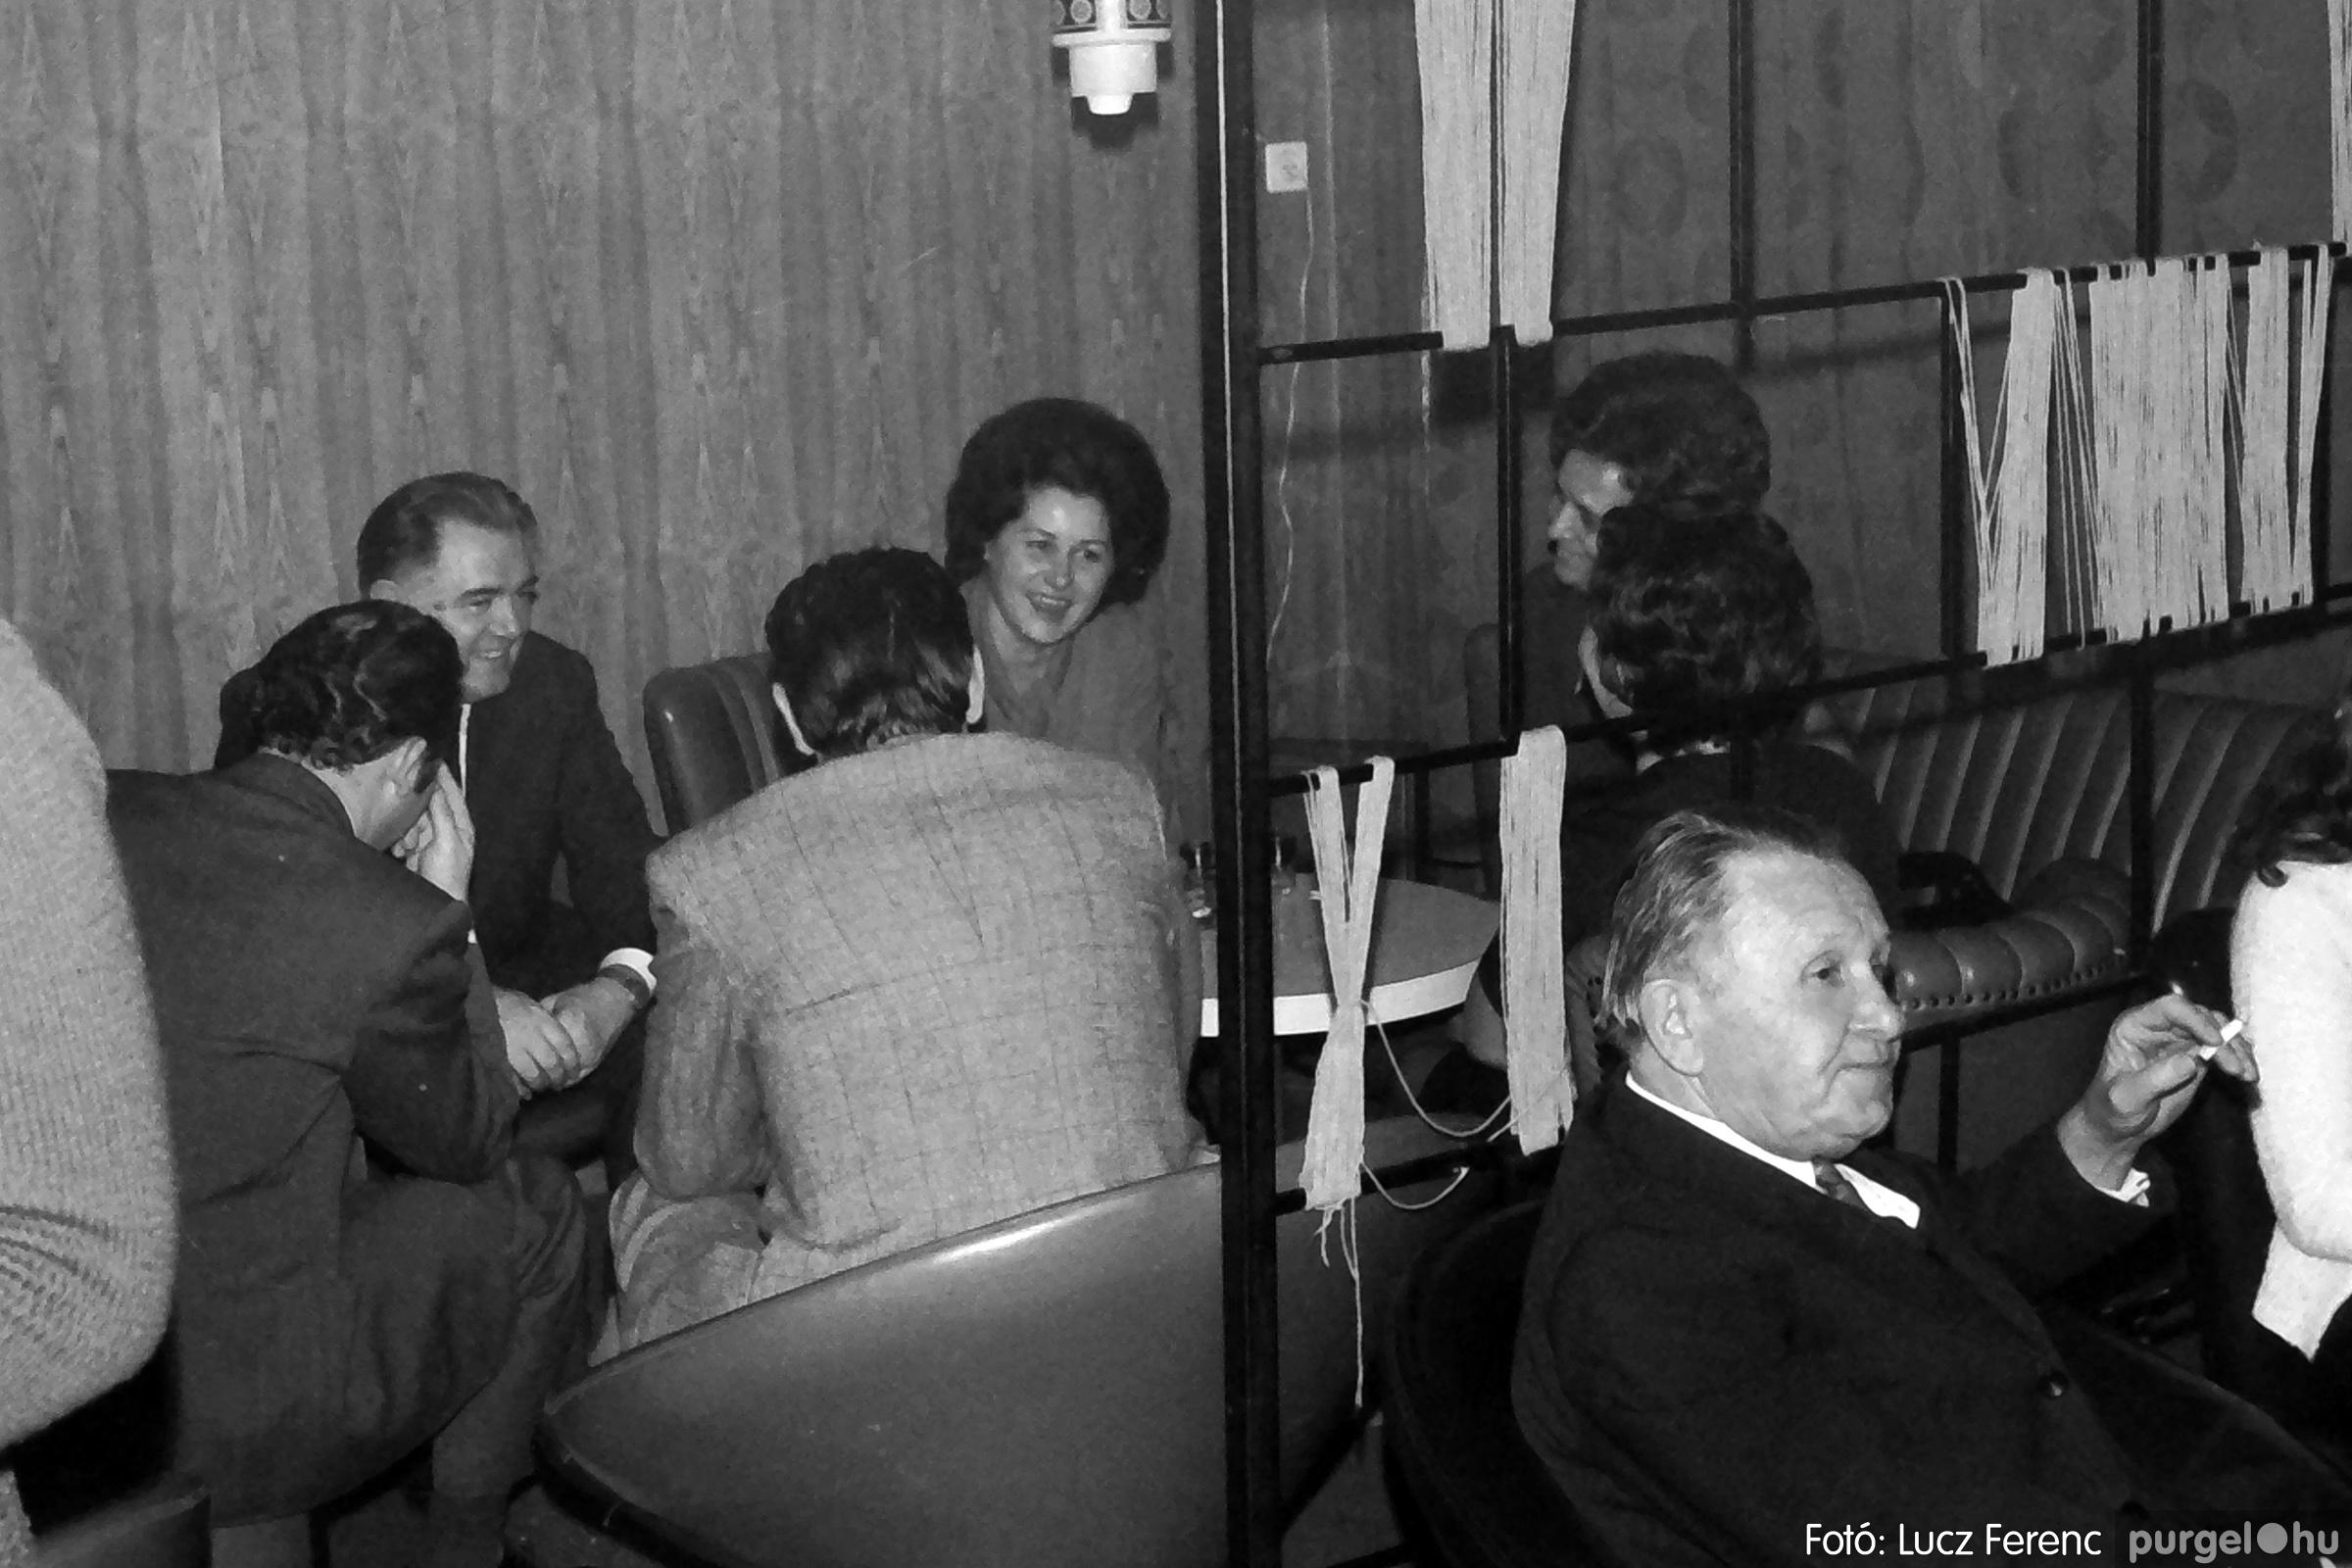 066-067. 1976. A Herkulesfürdői emlék című film ősbemutatója Szegváron 018. - Fotó: Lucz Ferenc.jpg